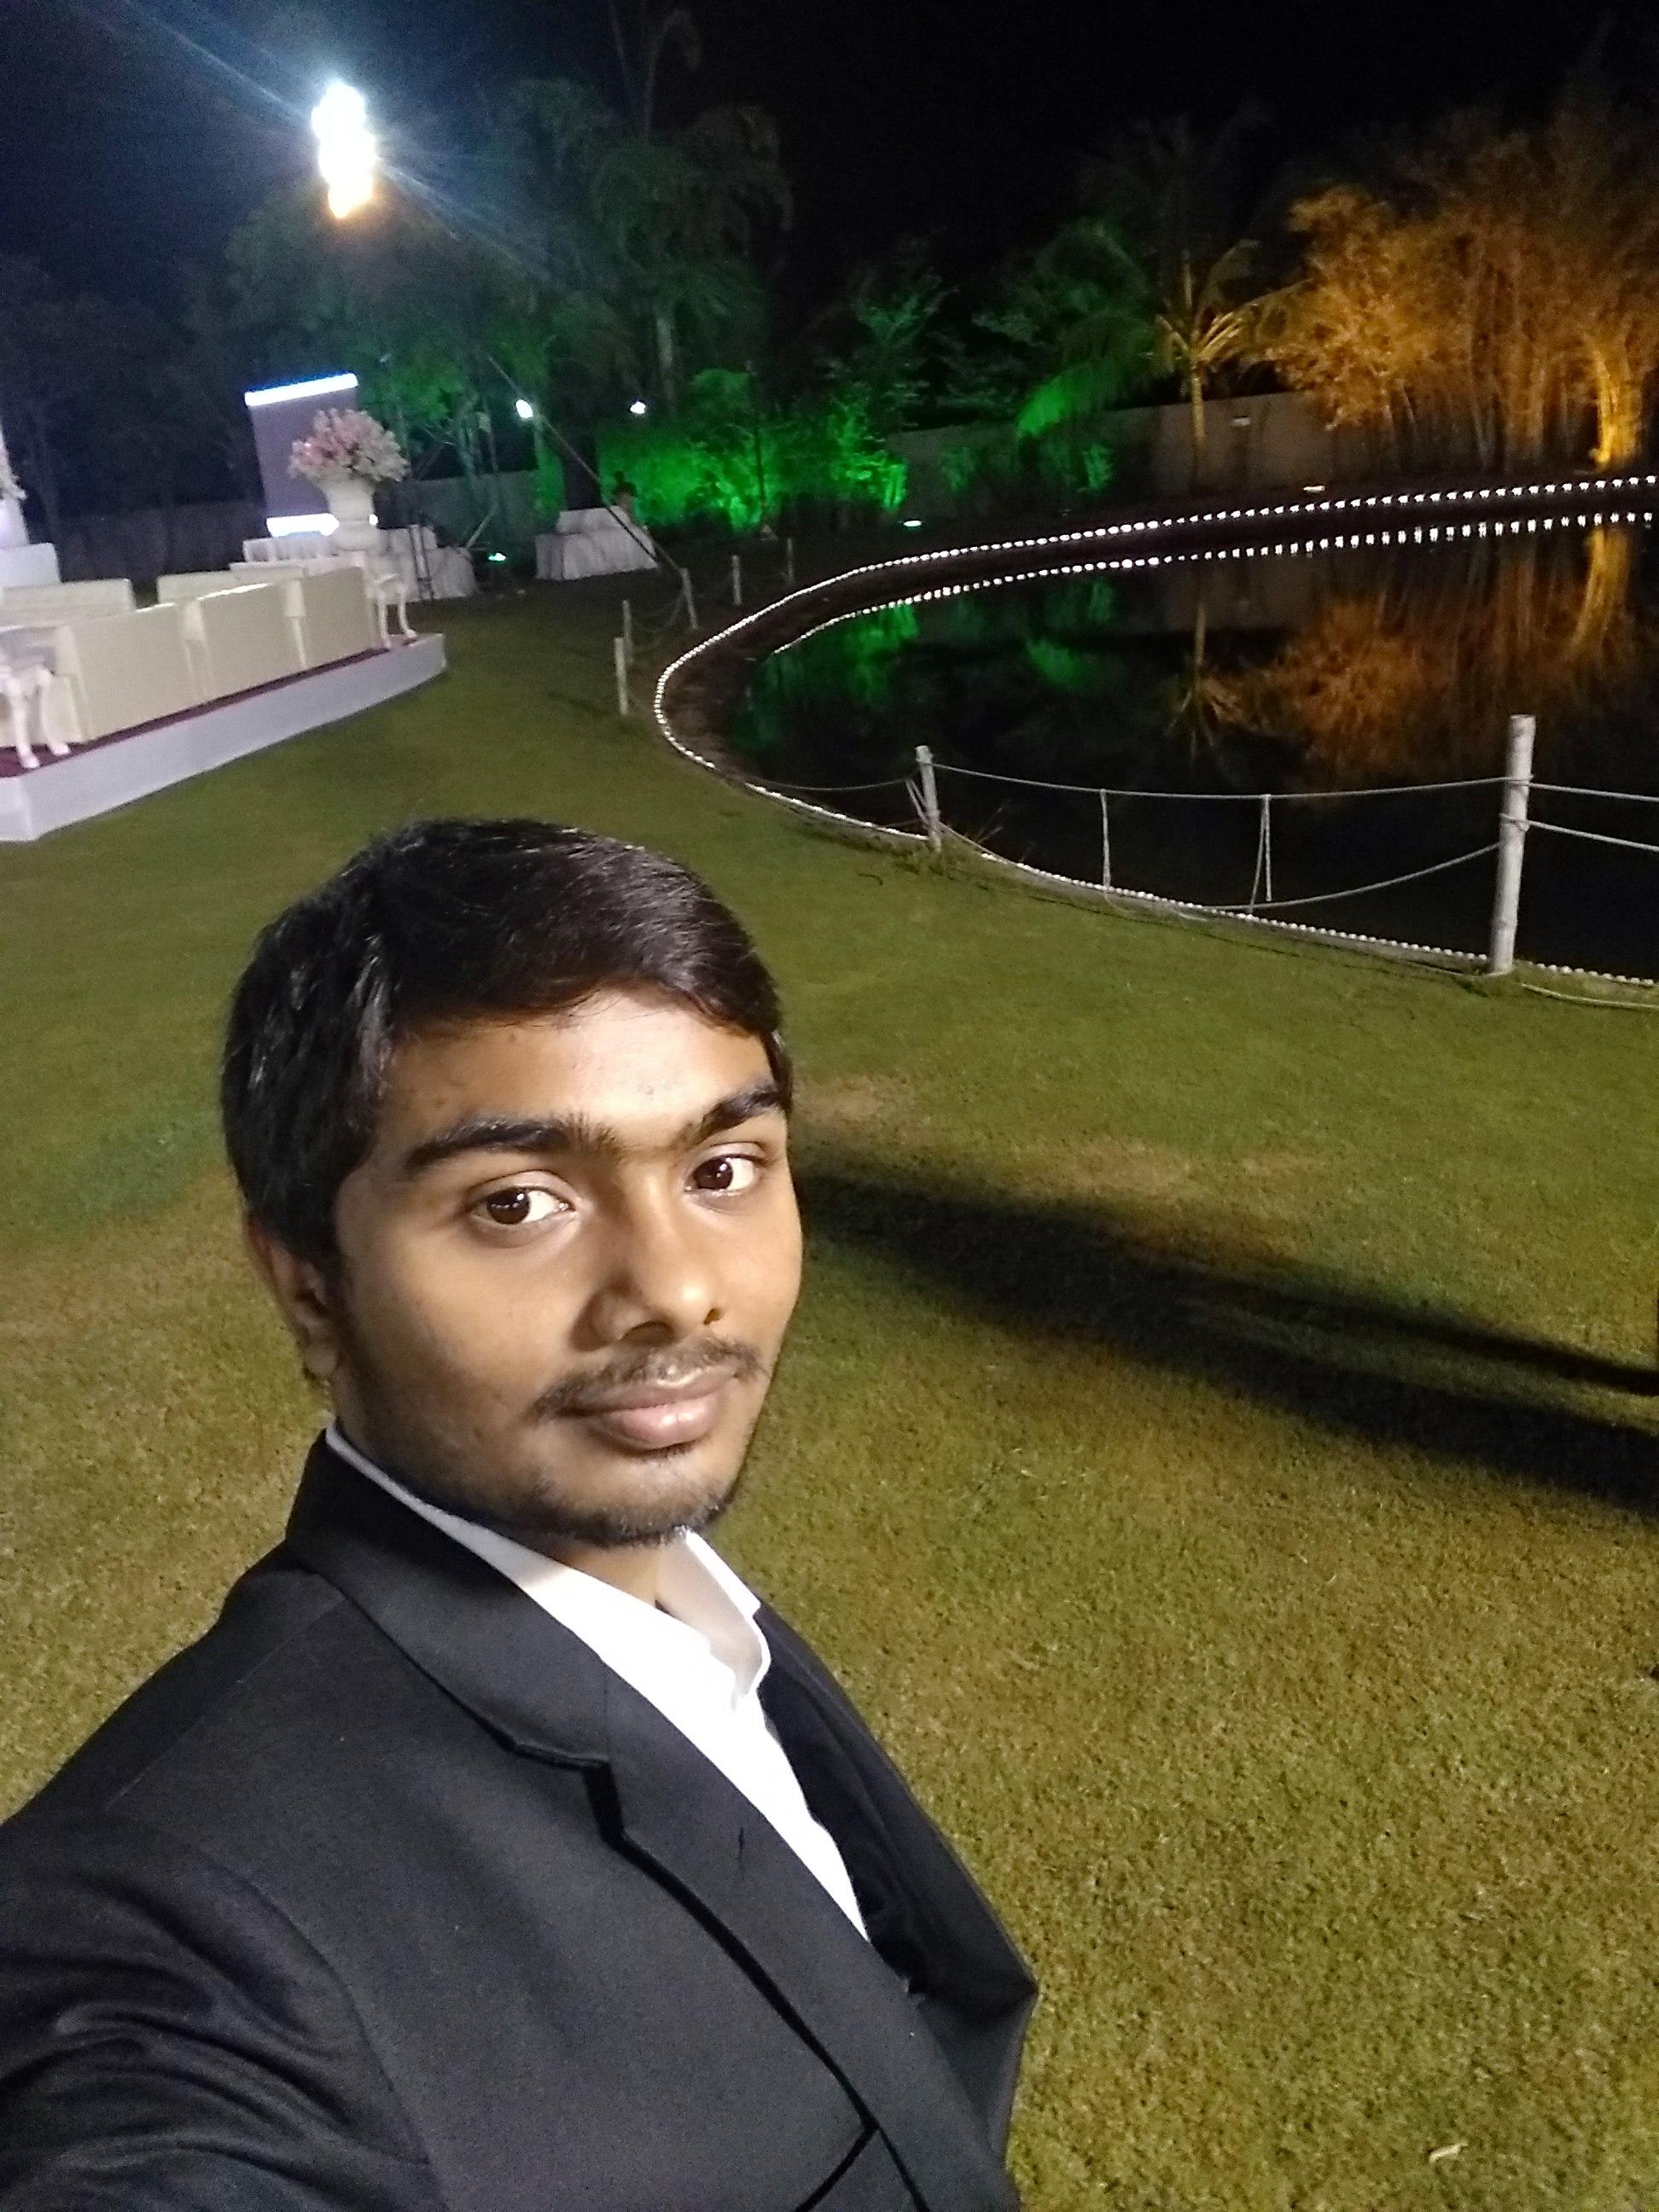 Saurabh Varshney, NIT Surat